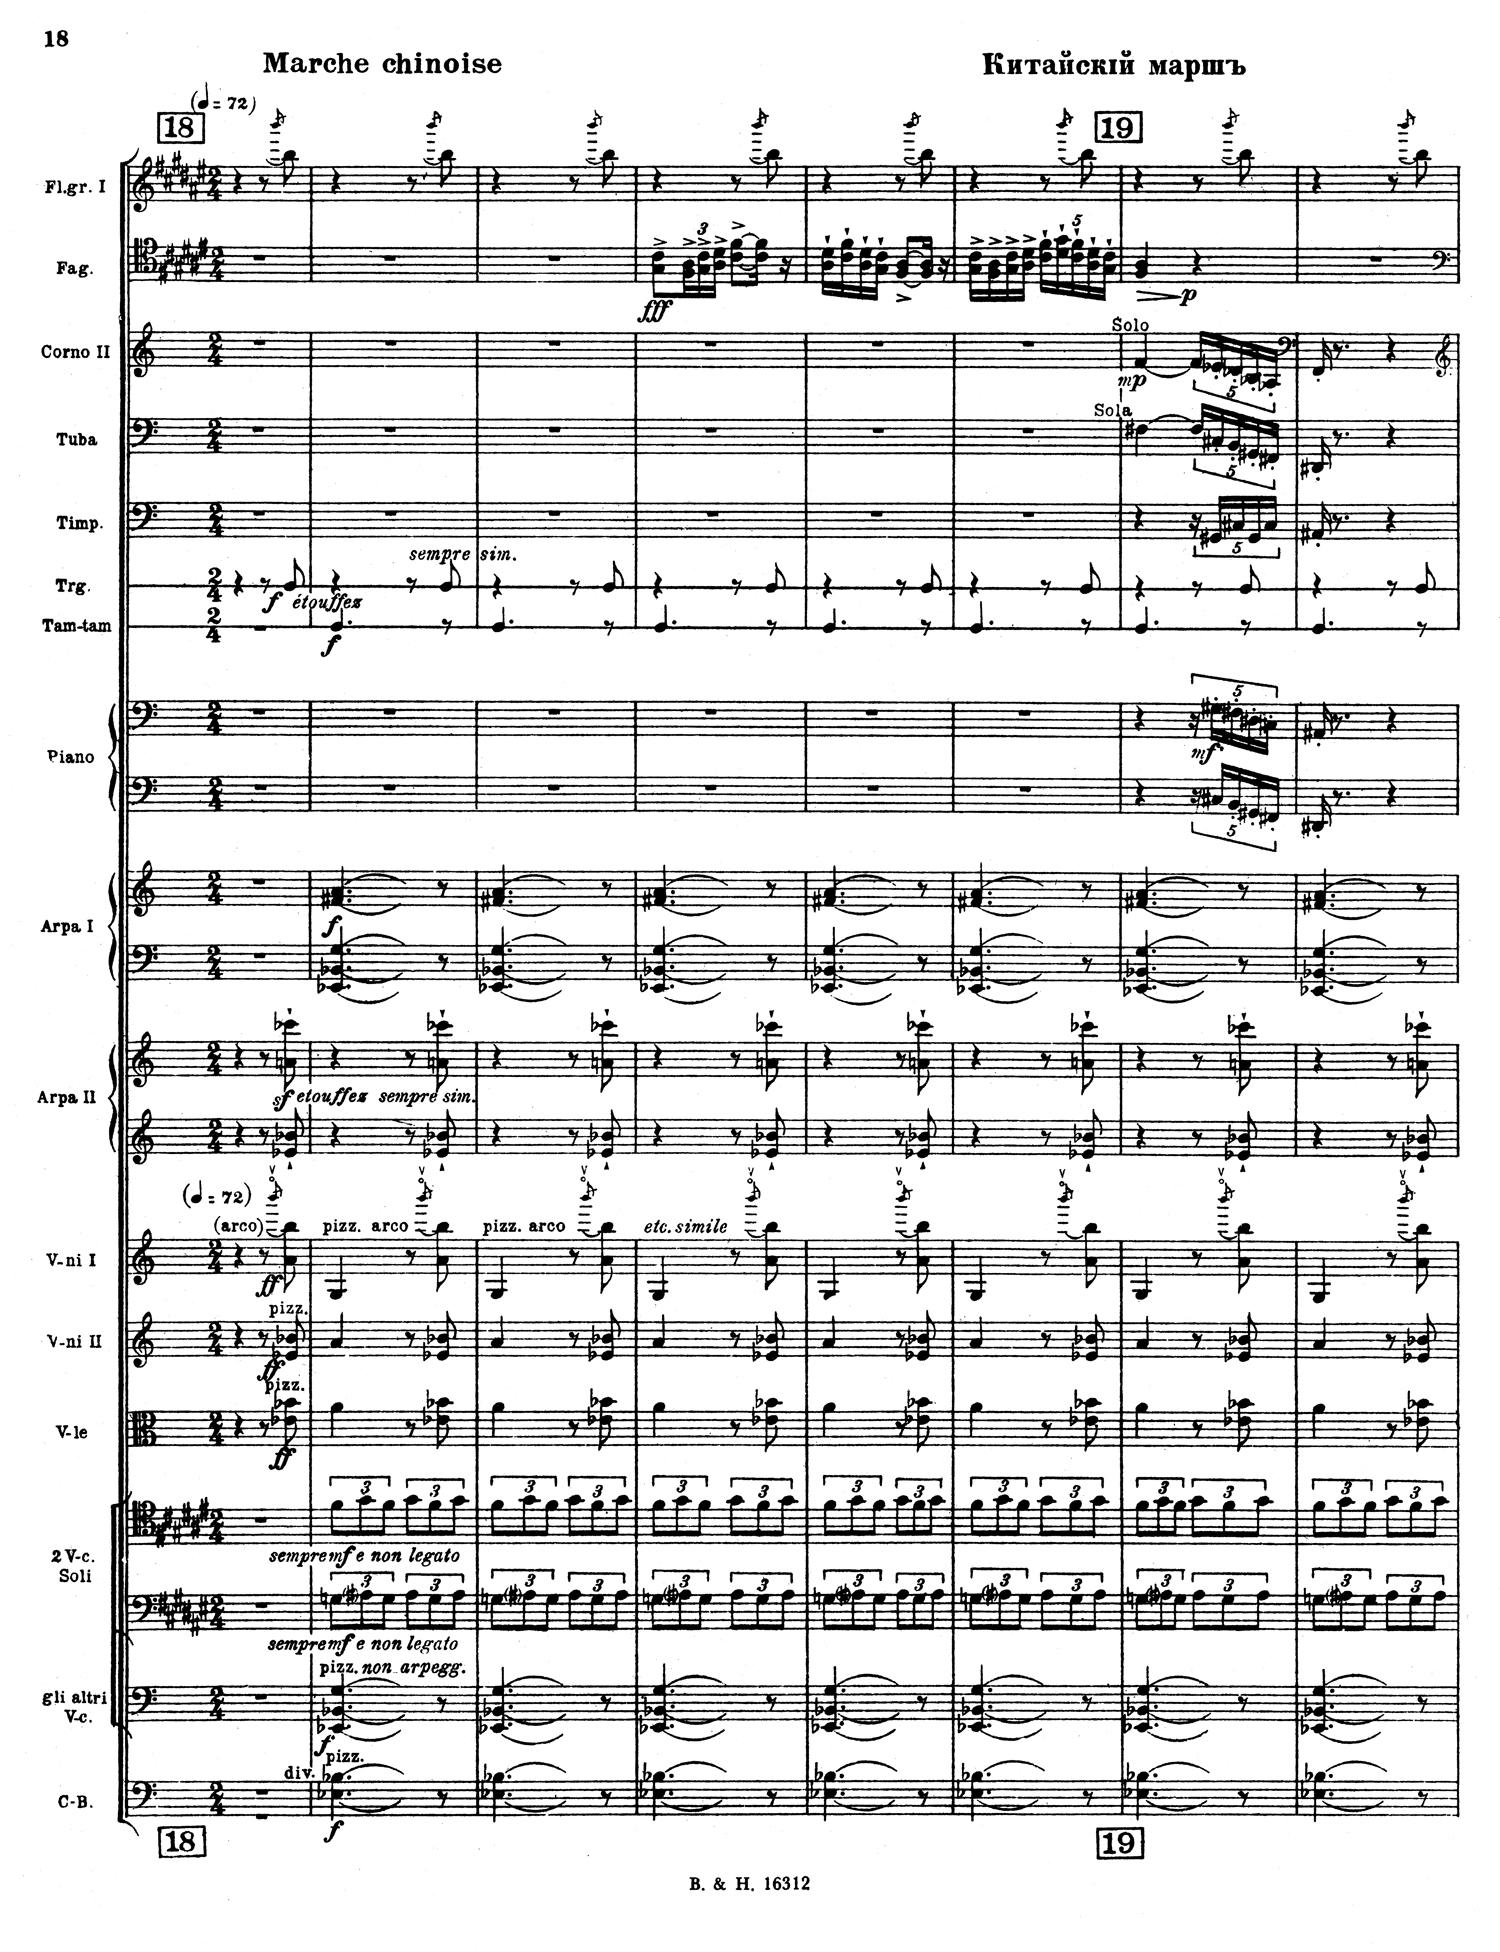 Nightingale Score 1.jpg